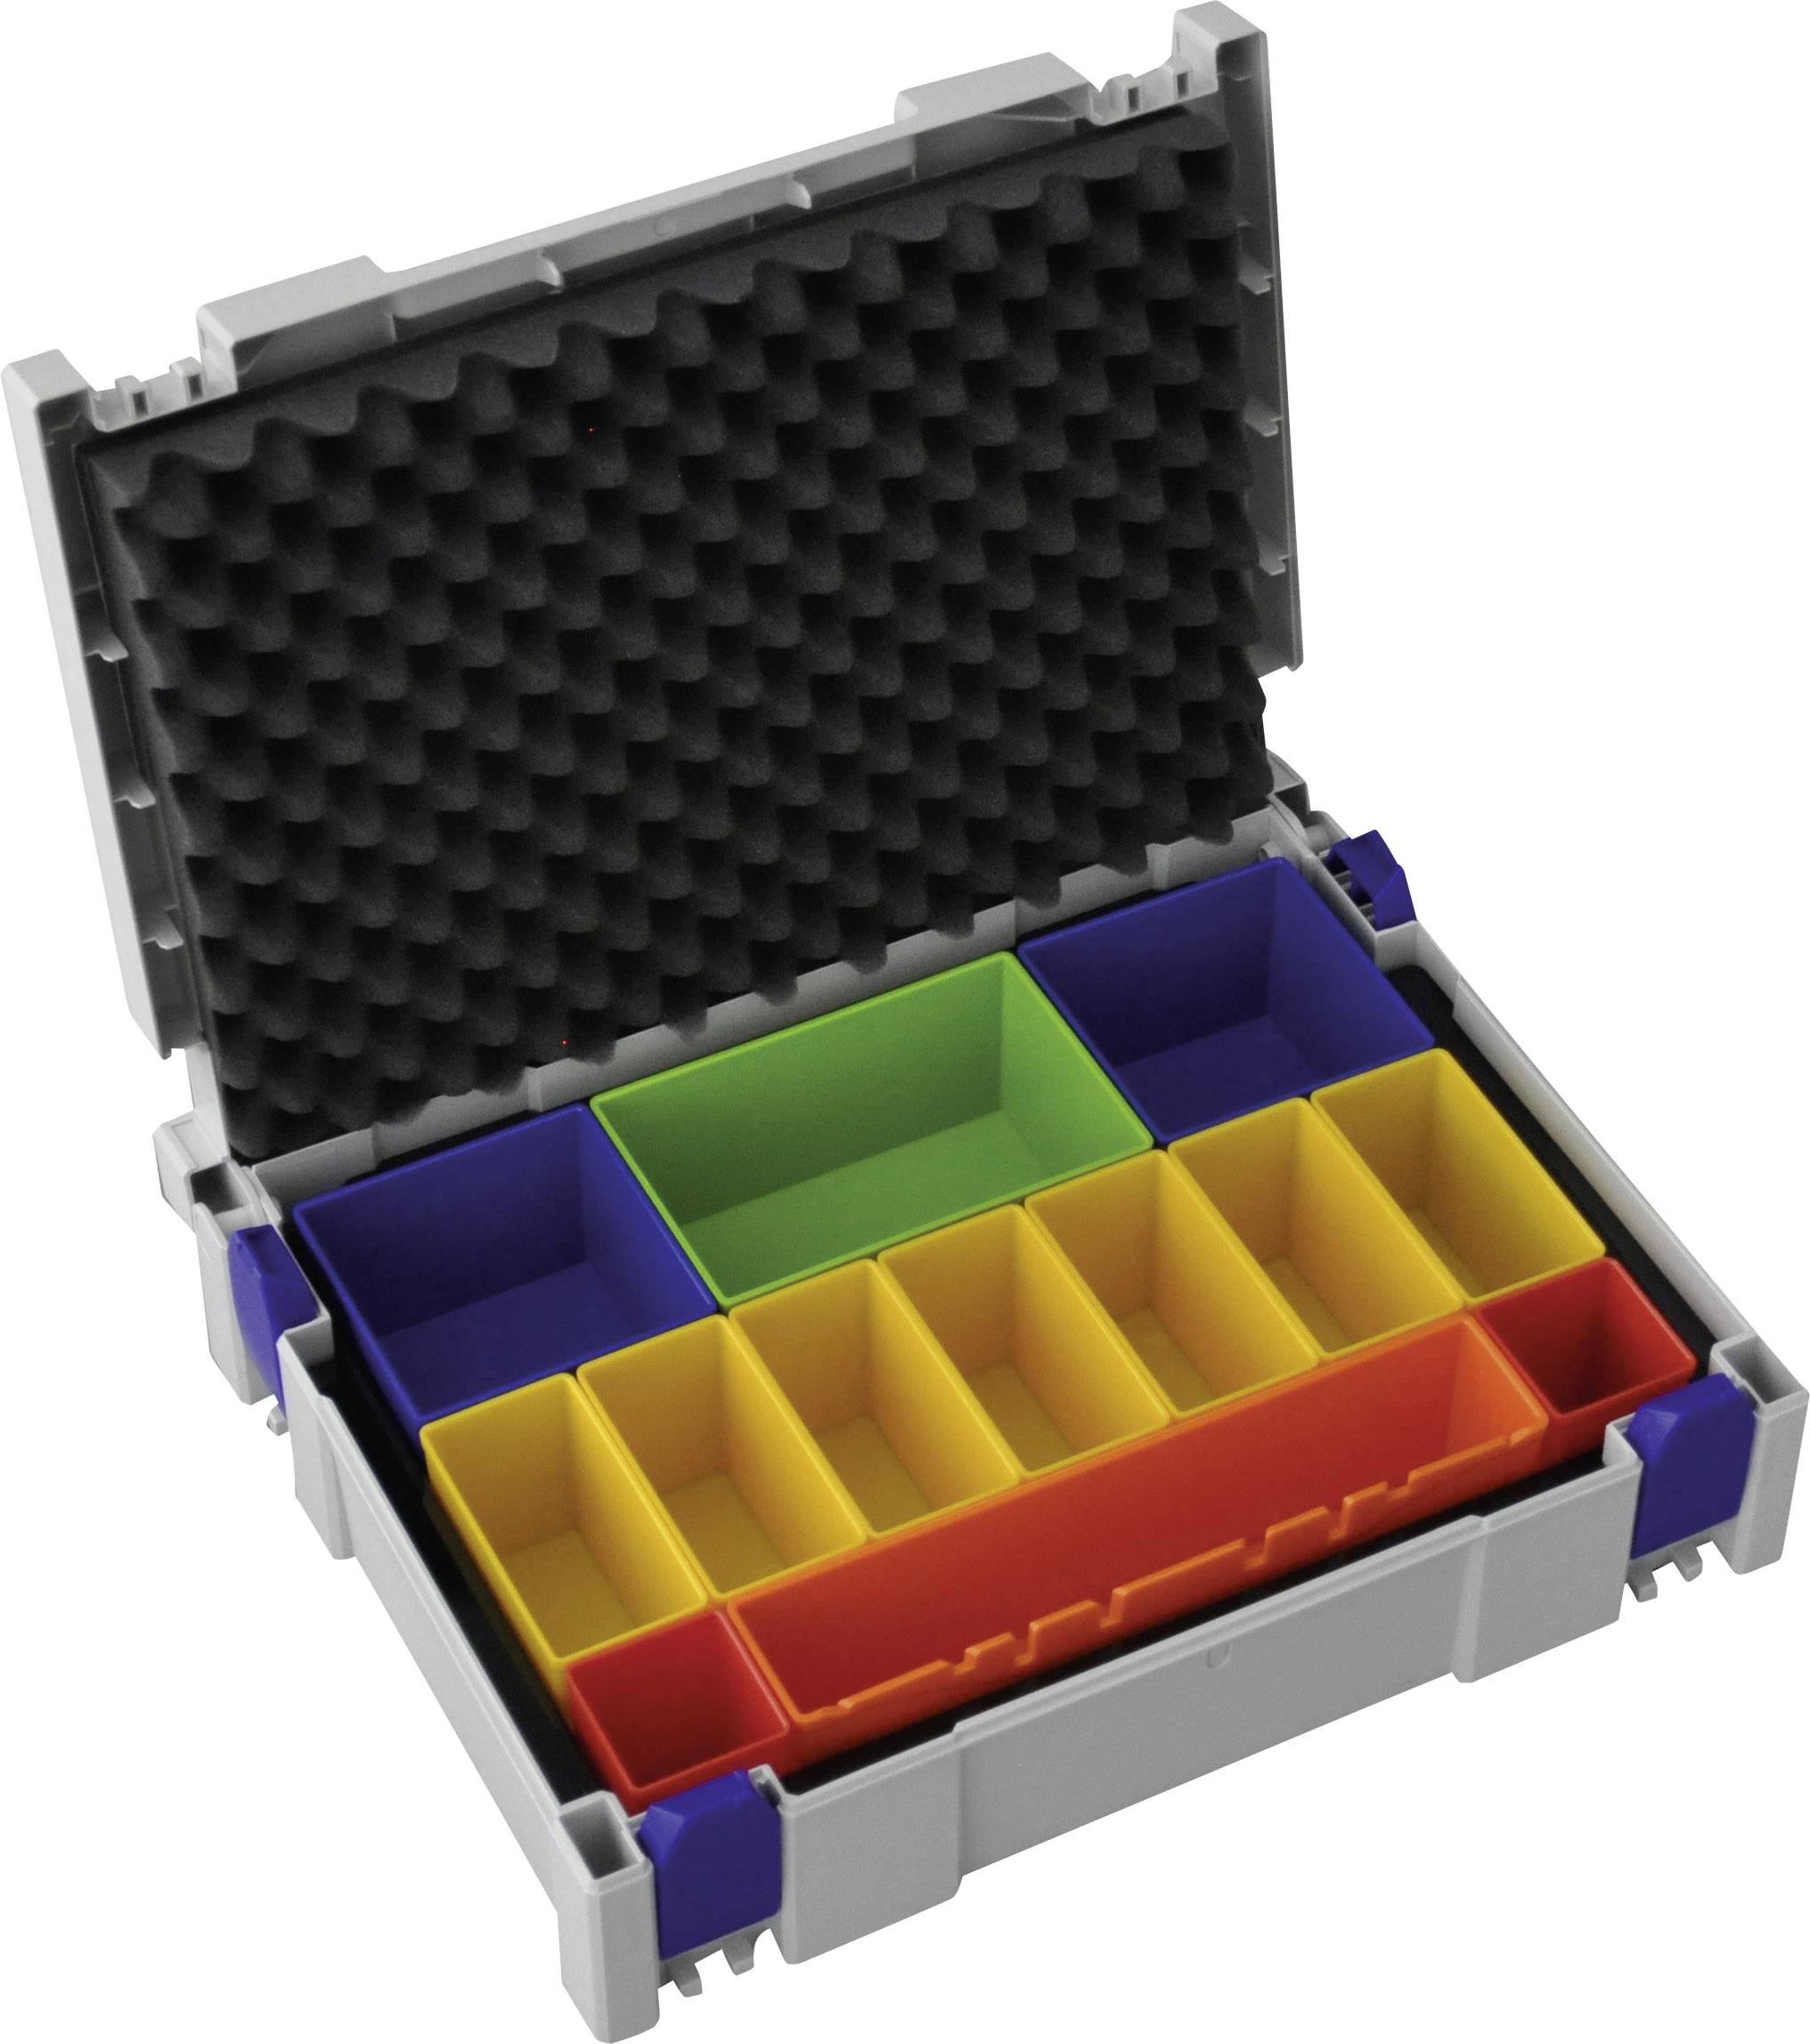 Přepravní kufřík na drobné předměty Tanos systainer® I 80590755, (d x š x v) 400 x 300 x 105 mm